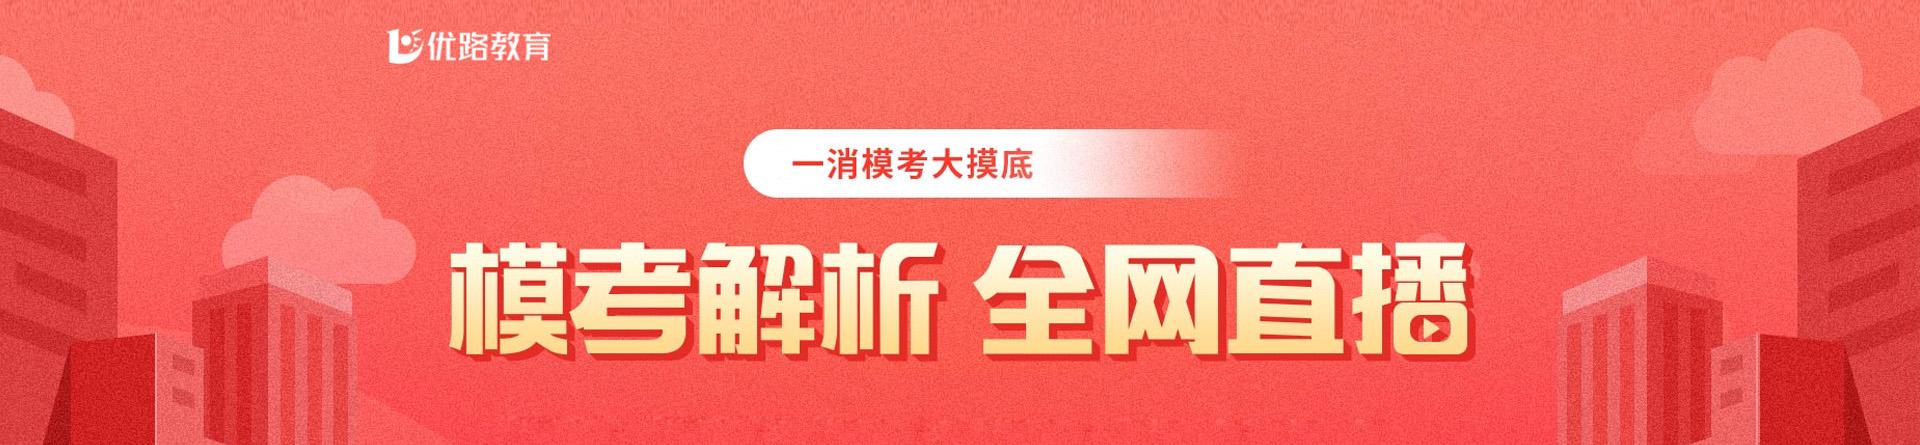 广东梅州路教育培训学校